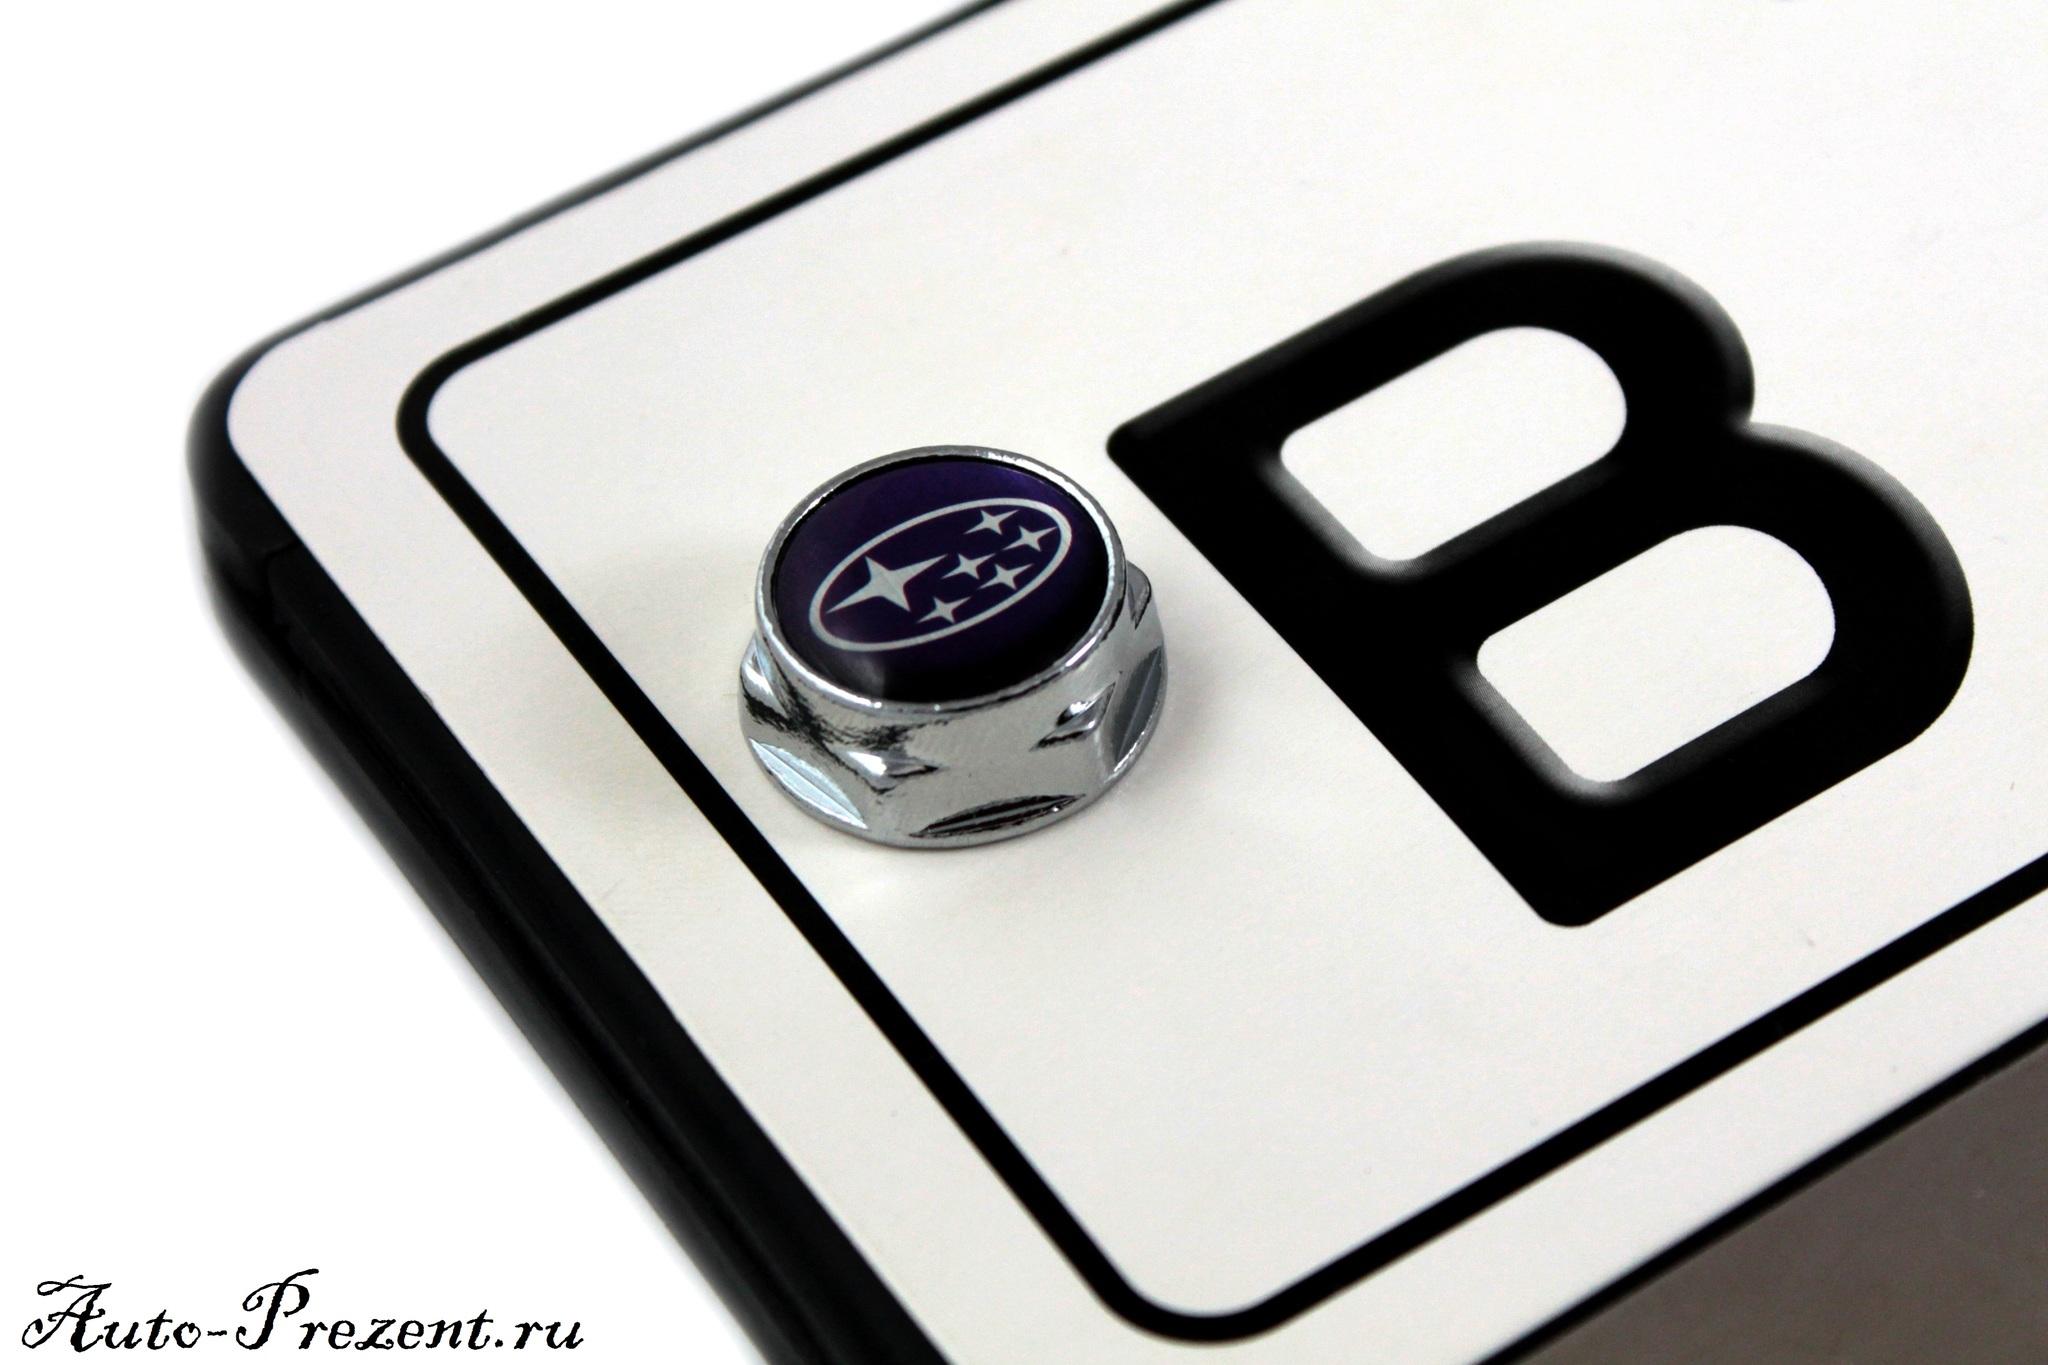 Болты для крепления госномера с логотипом SUBARU